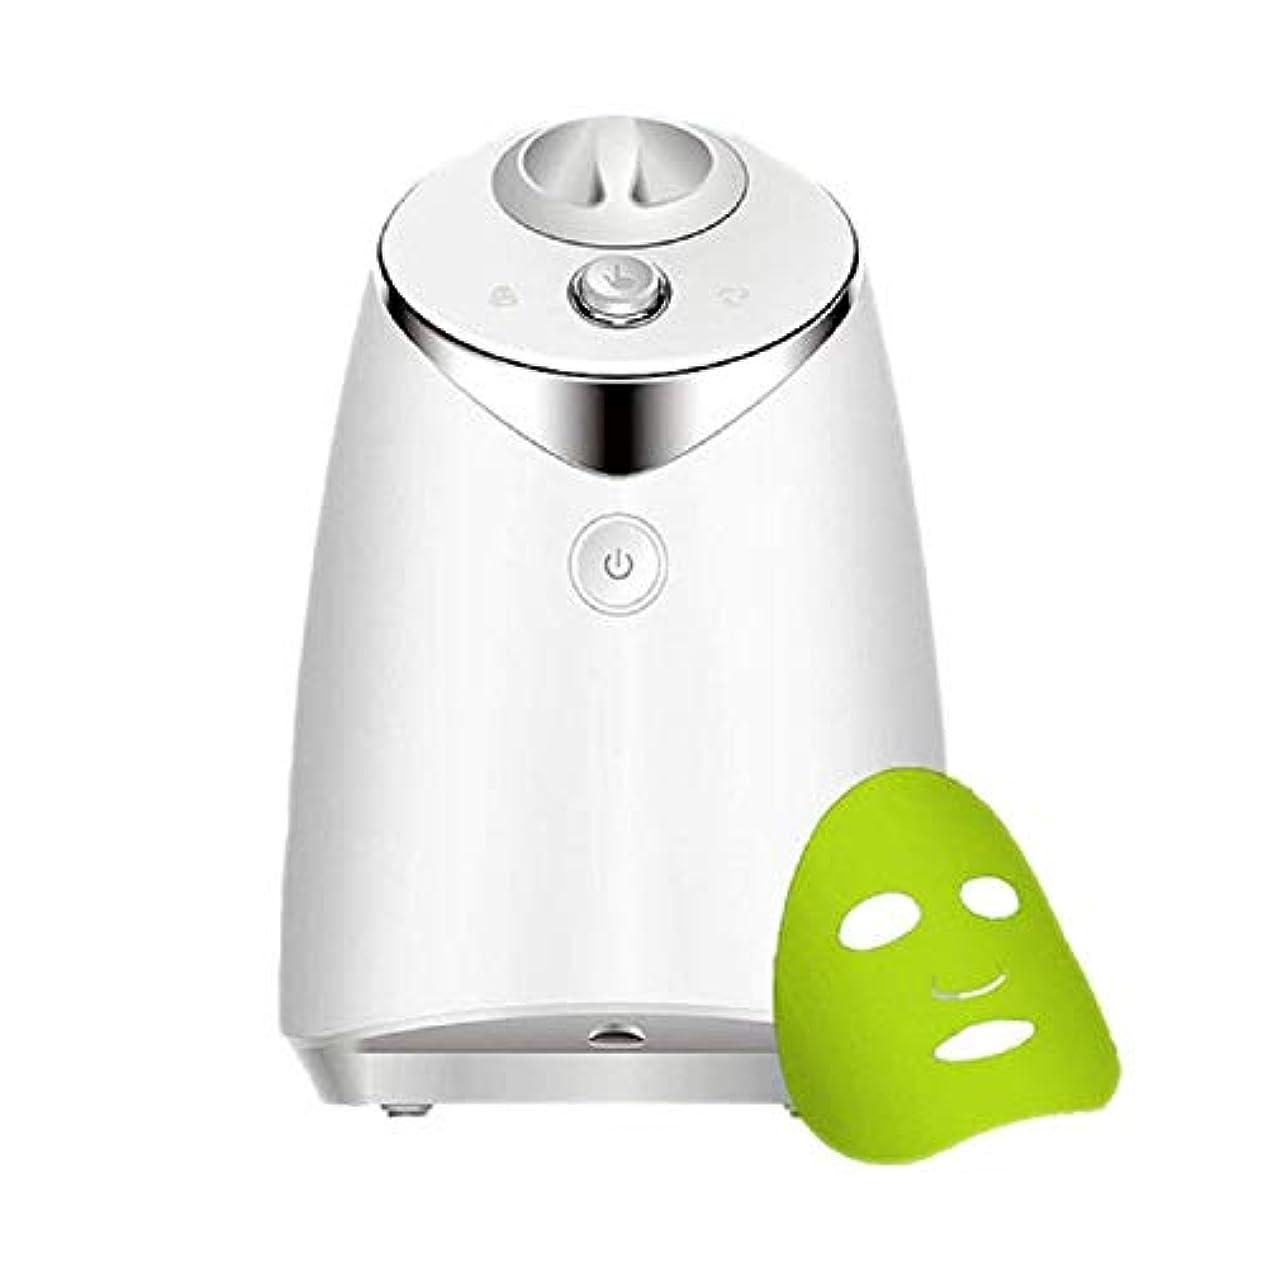 気難しい正直有効化フルーツと野菜マスク製造機、フェイススチーマー100%ナチュラル自家製自動美容器/インテリジェントな音声プロンプトワンボタンクリーニング